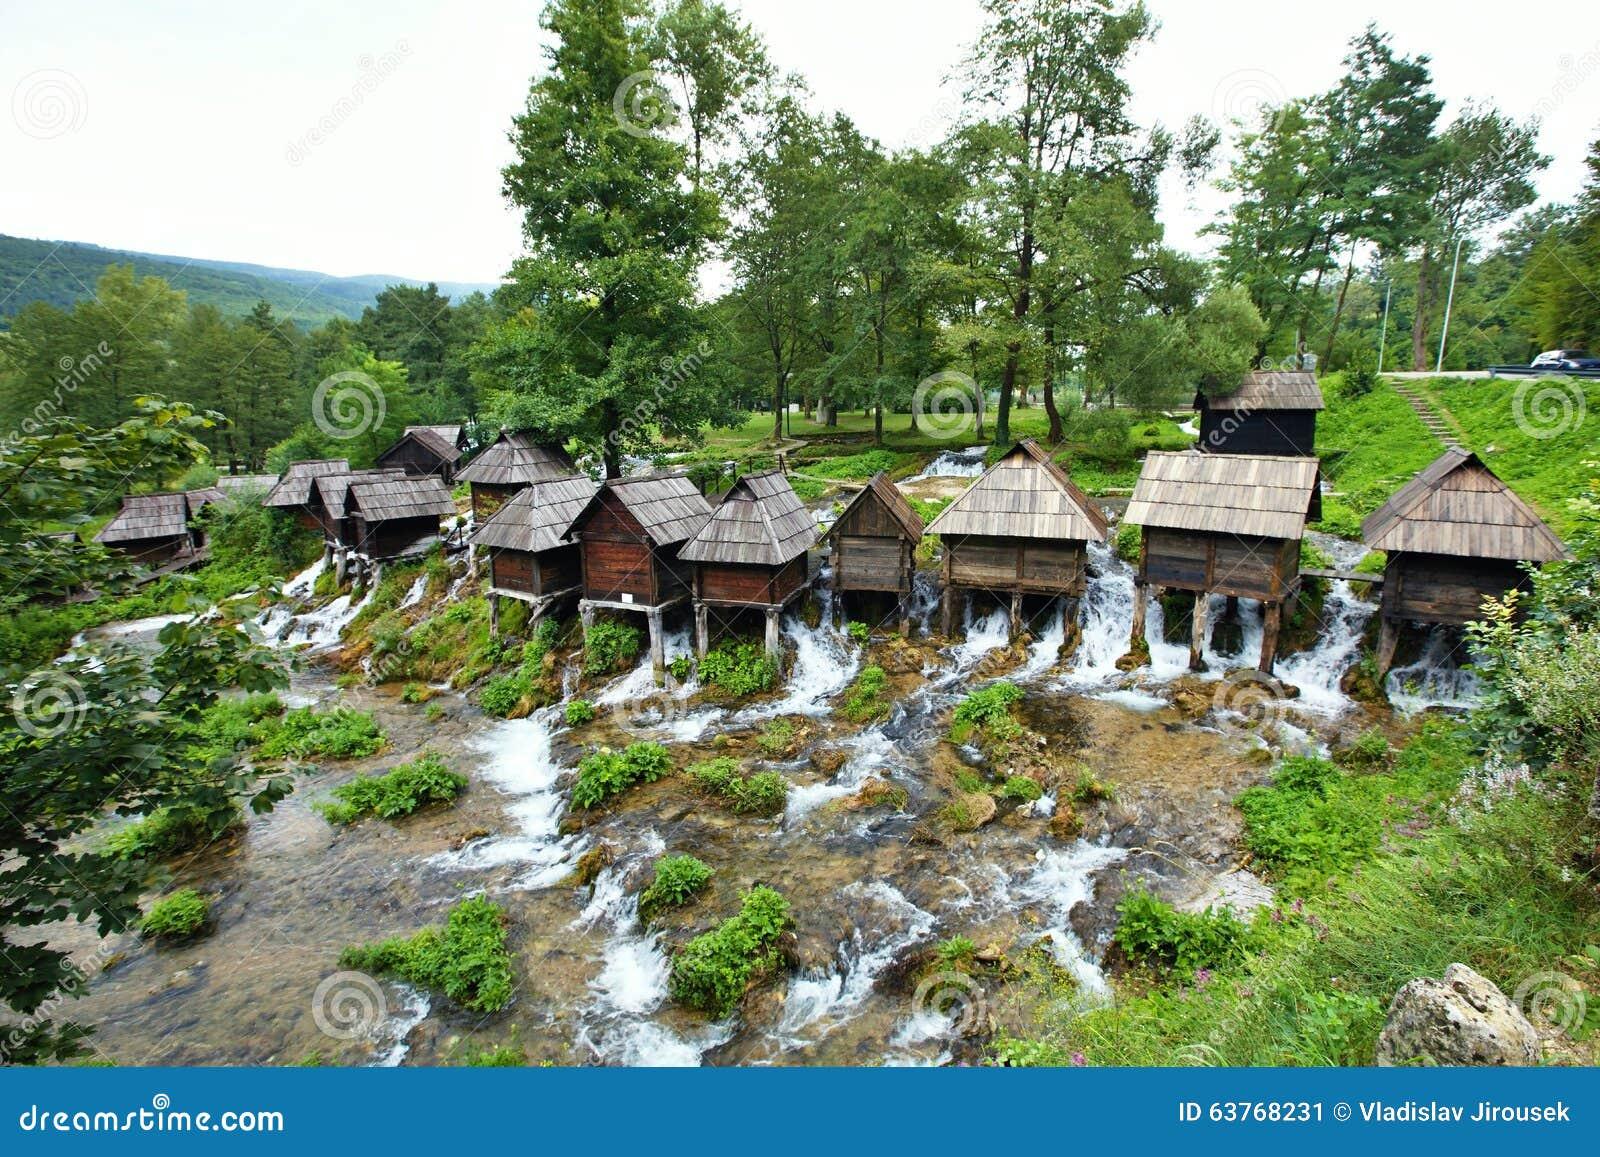 Mały młyn w terenie Plic jeziora Bośnia, Herzegovina, -